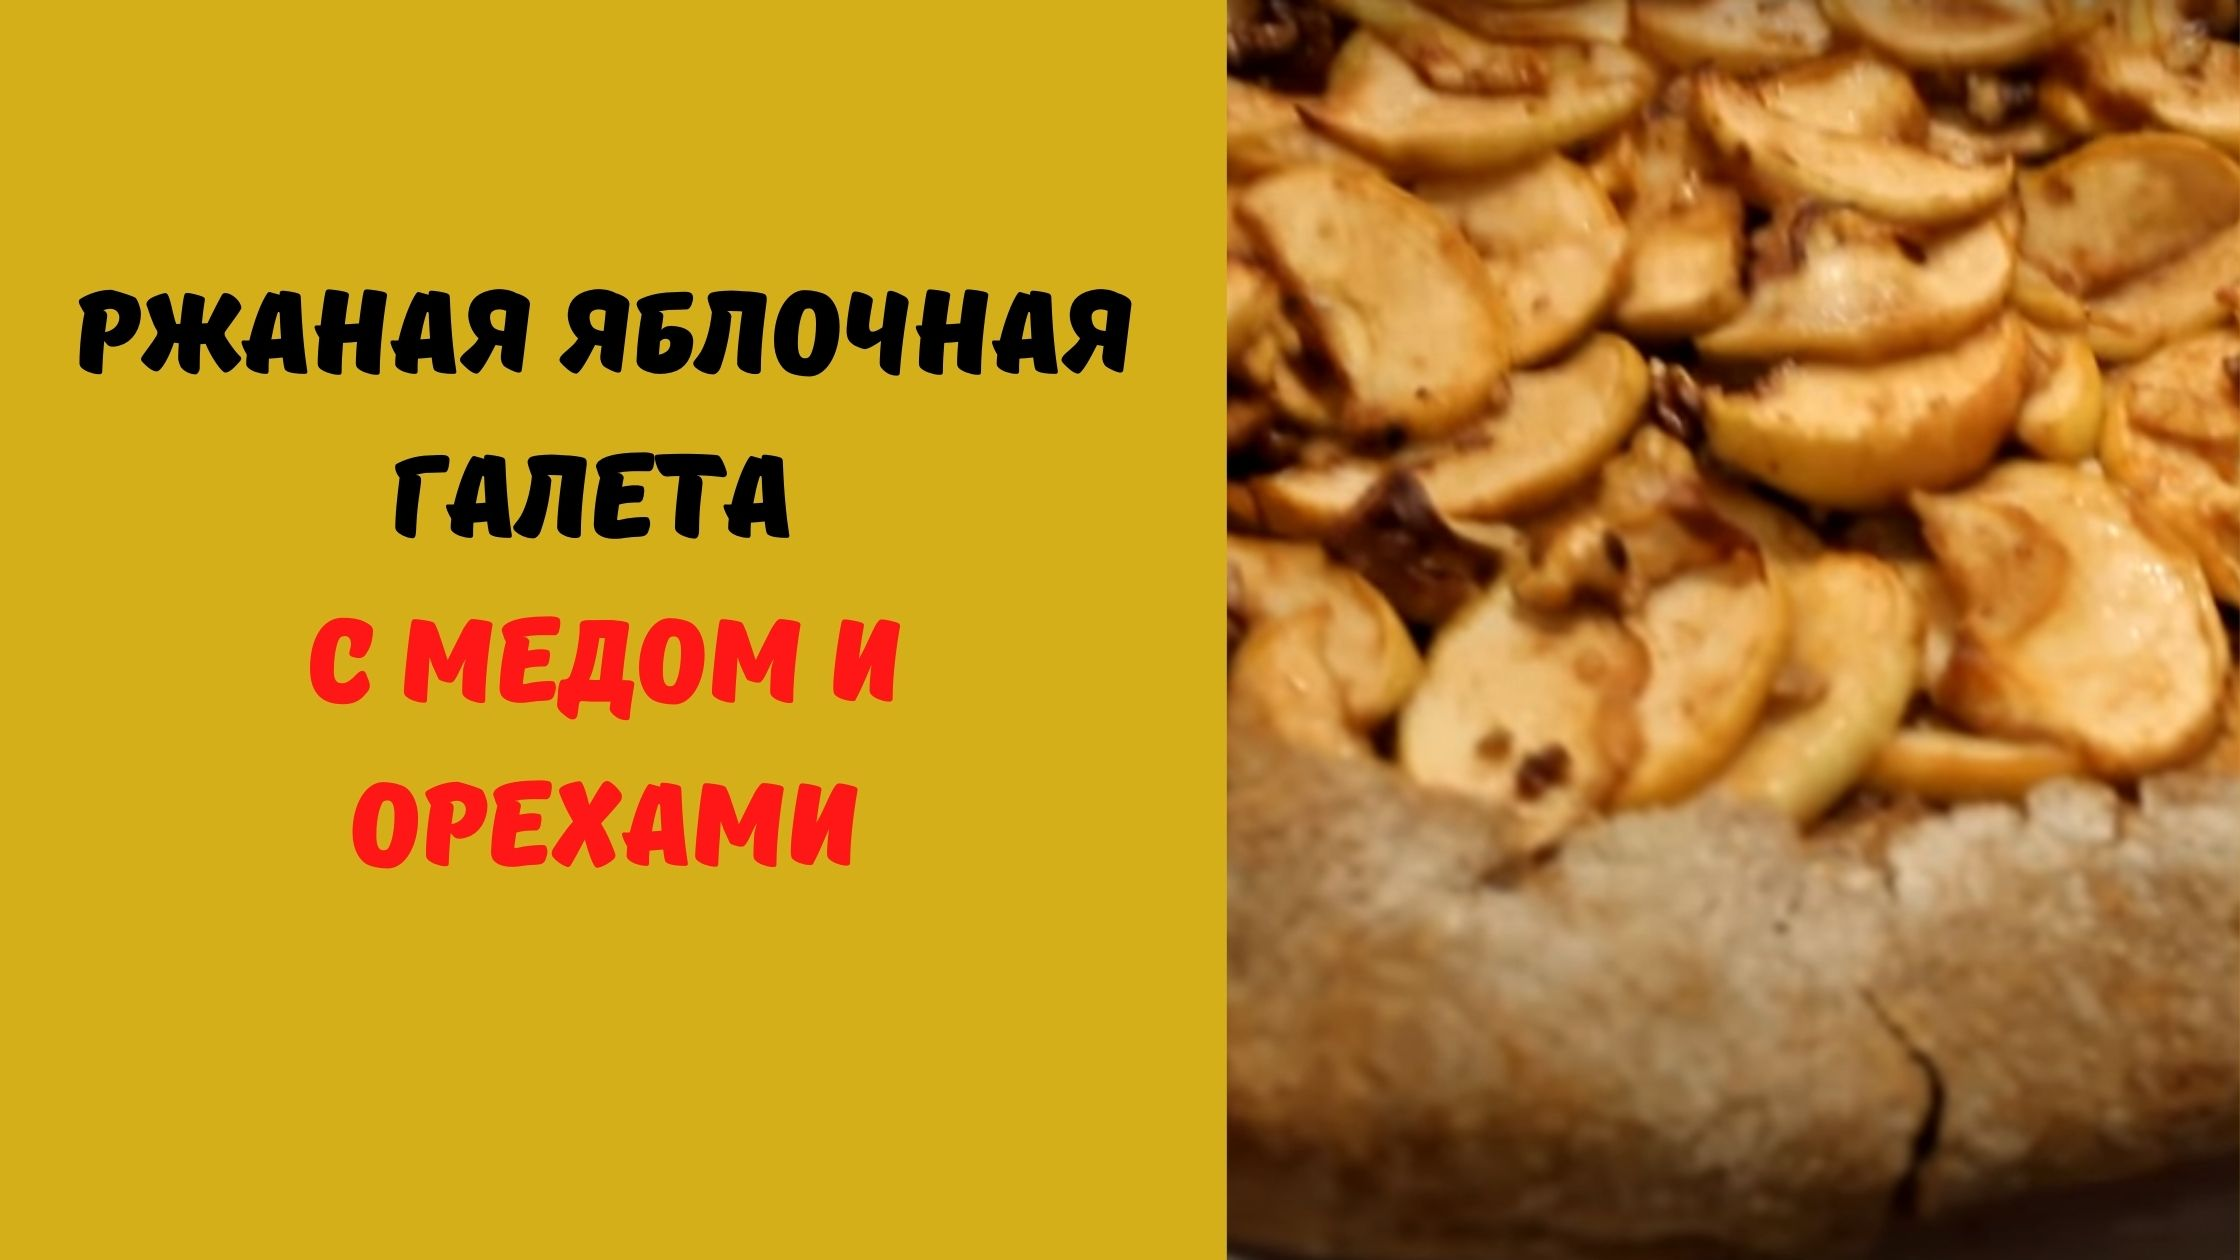 яблочная галета рецепт